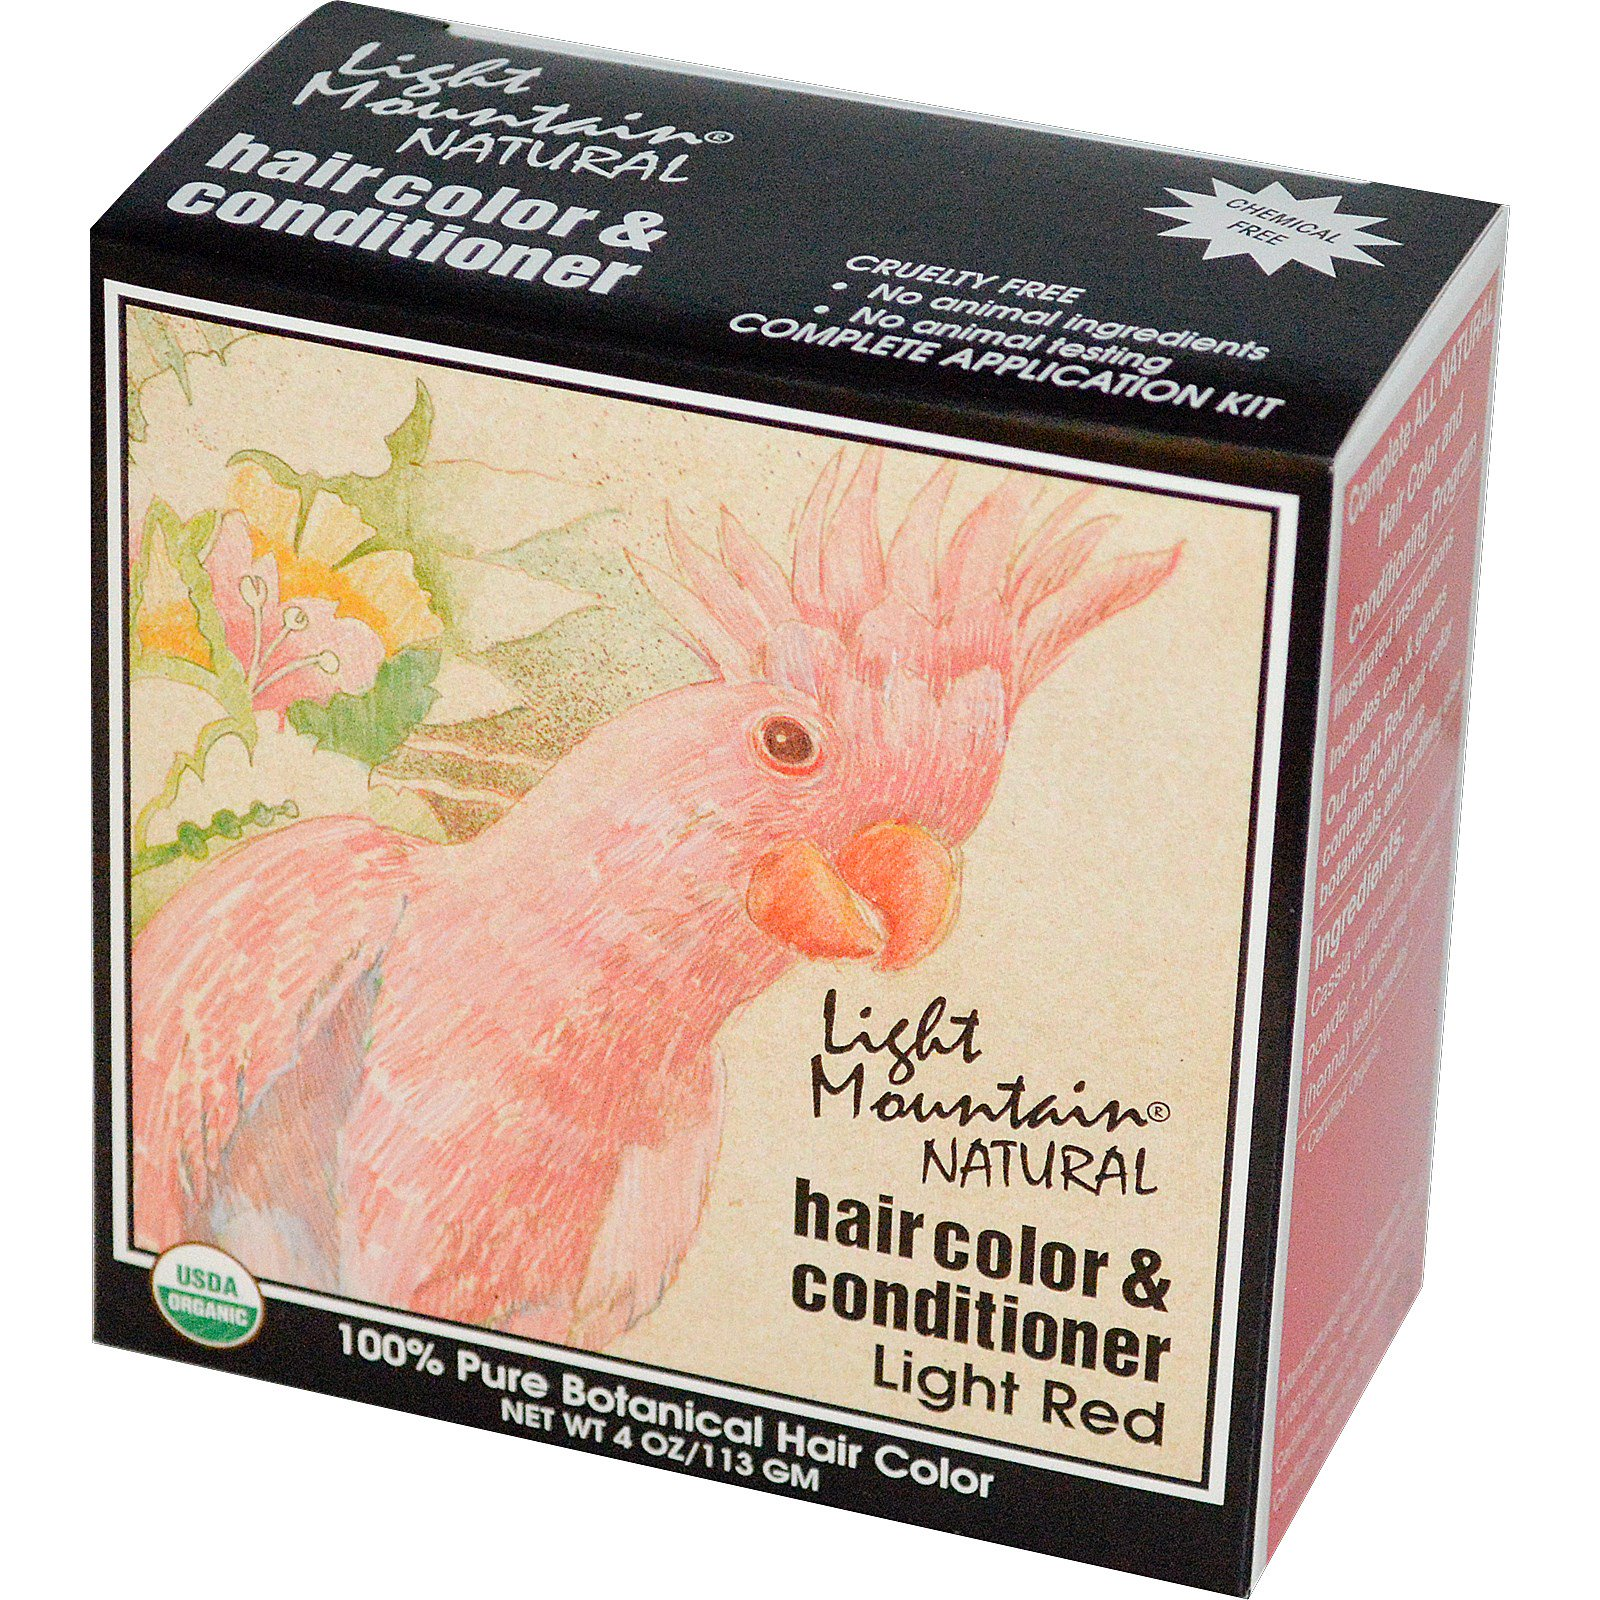 Light Mountain, органический натуральный краситель и кондиционер для волос, светло-рыжий, 113 г